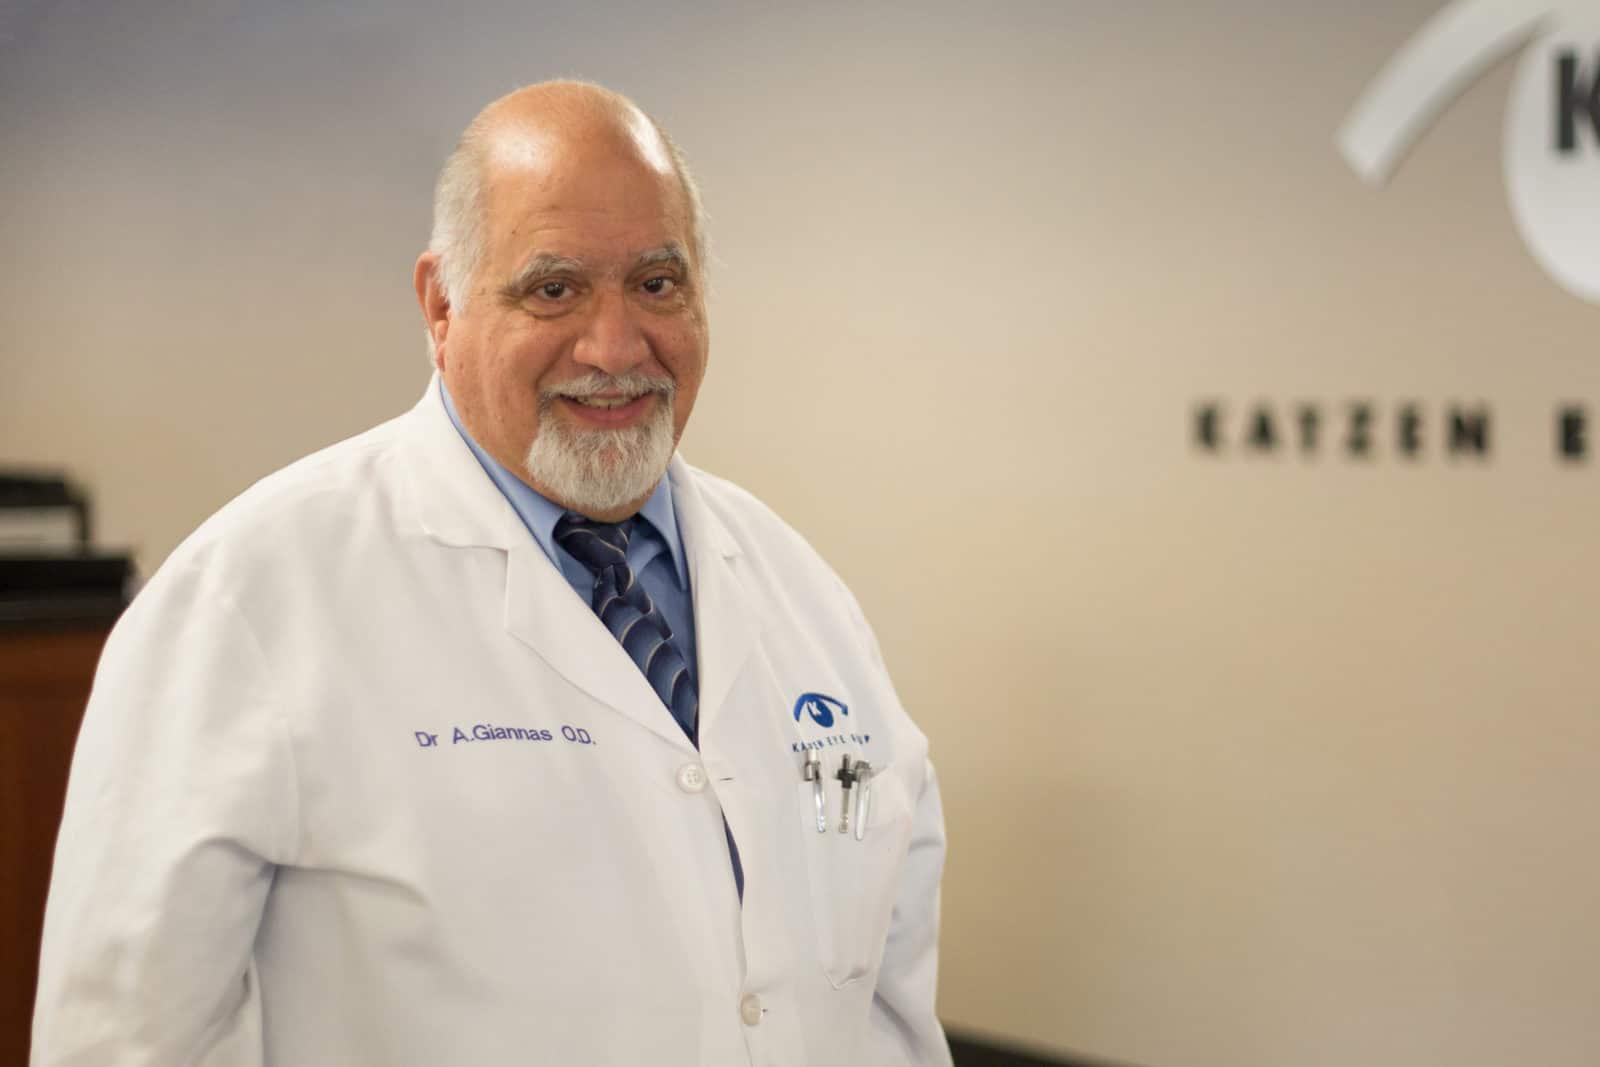 Dr. Apostolos J. Giannas